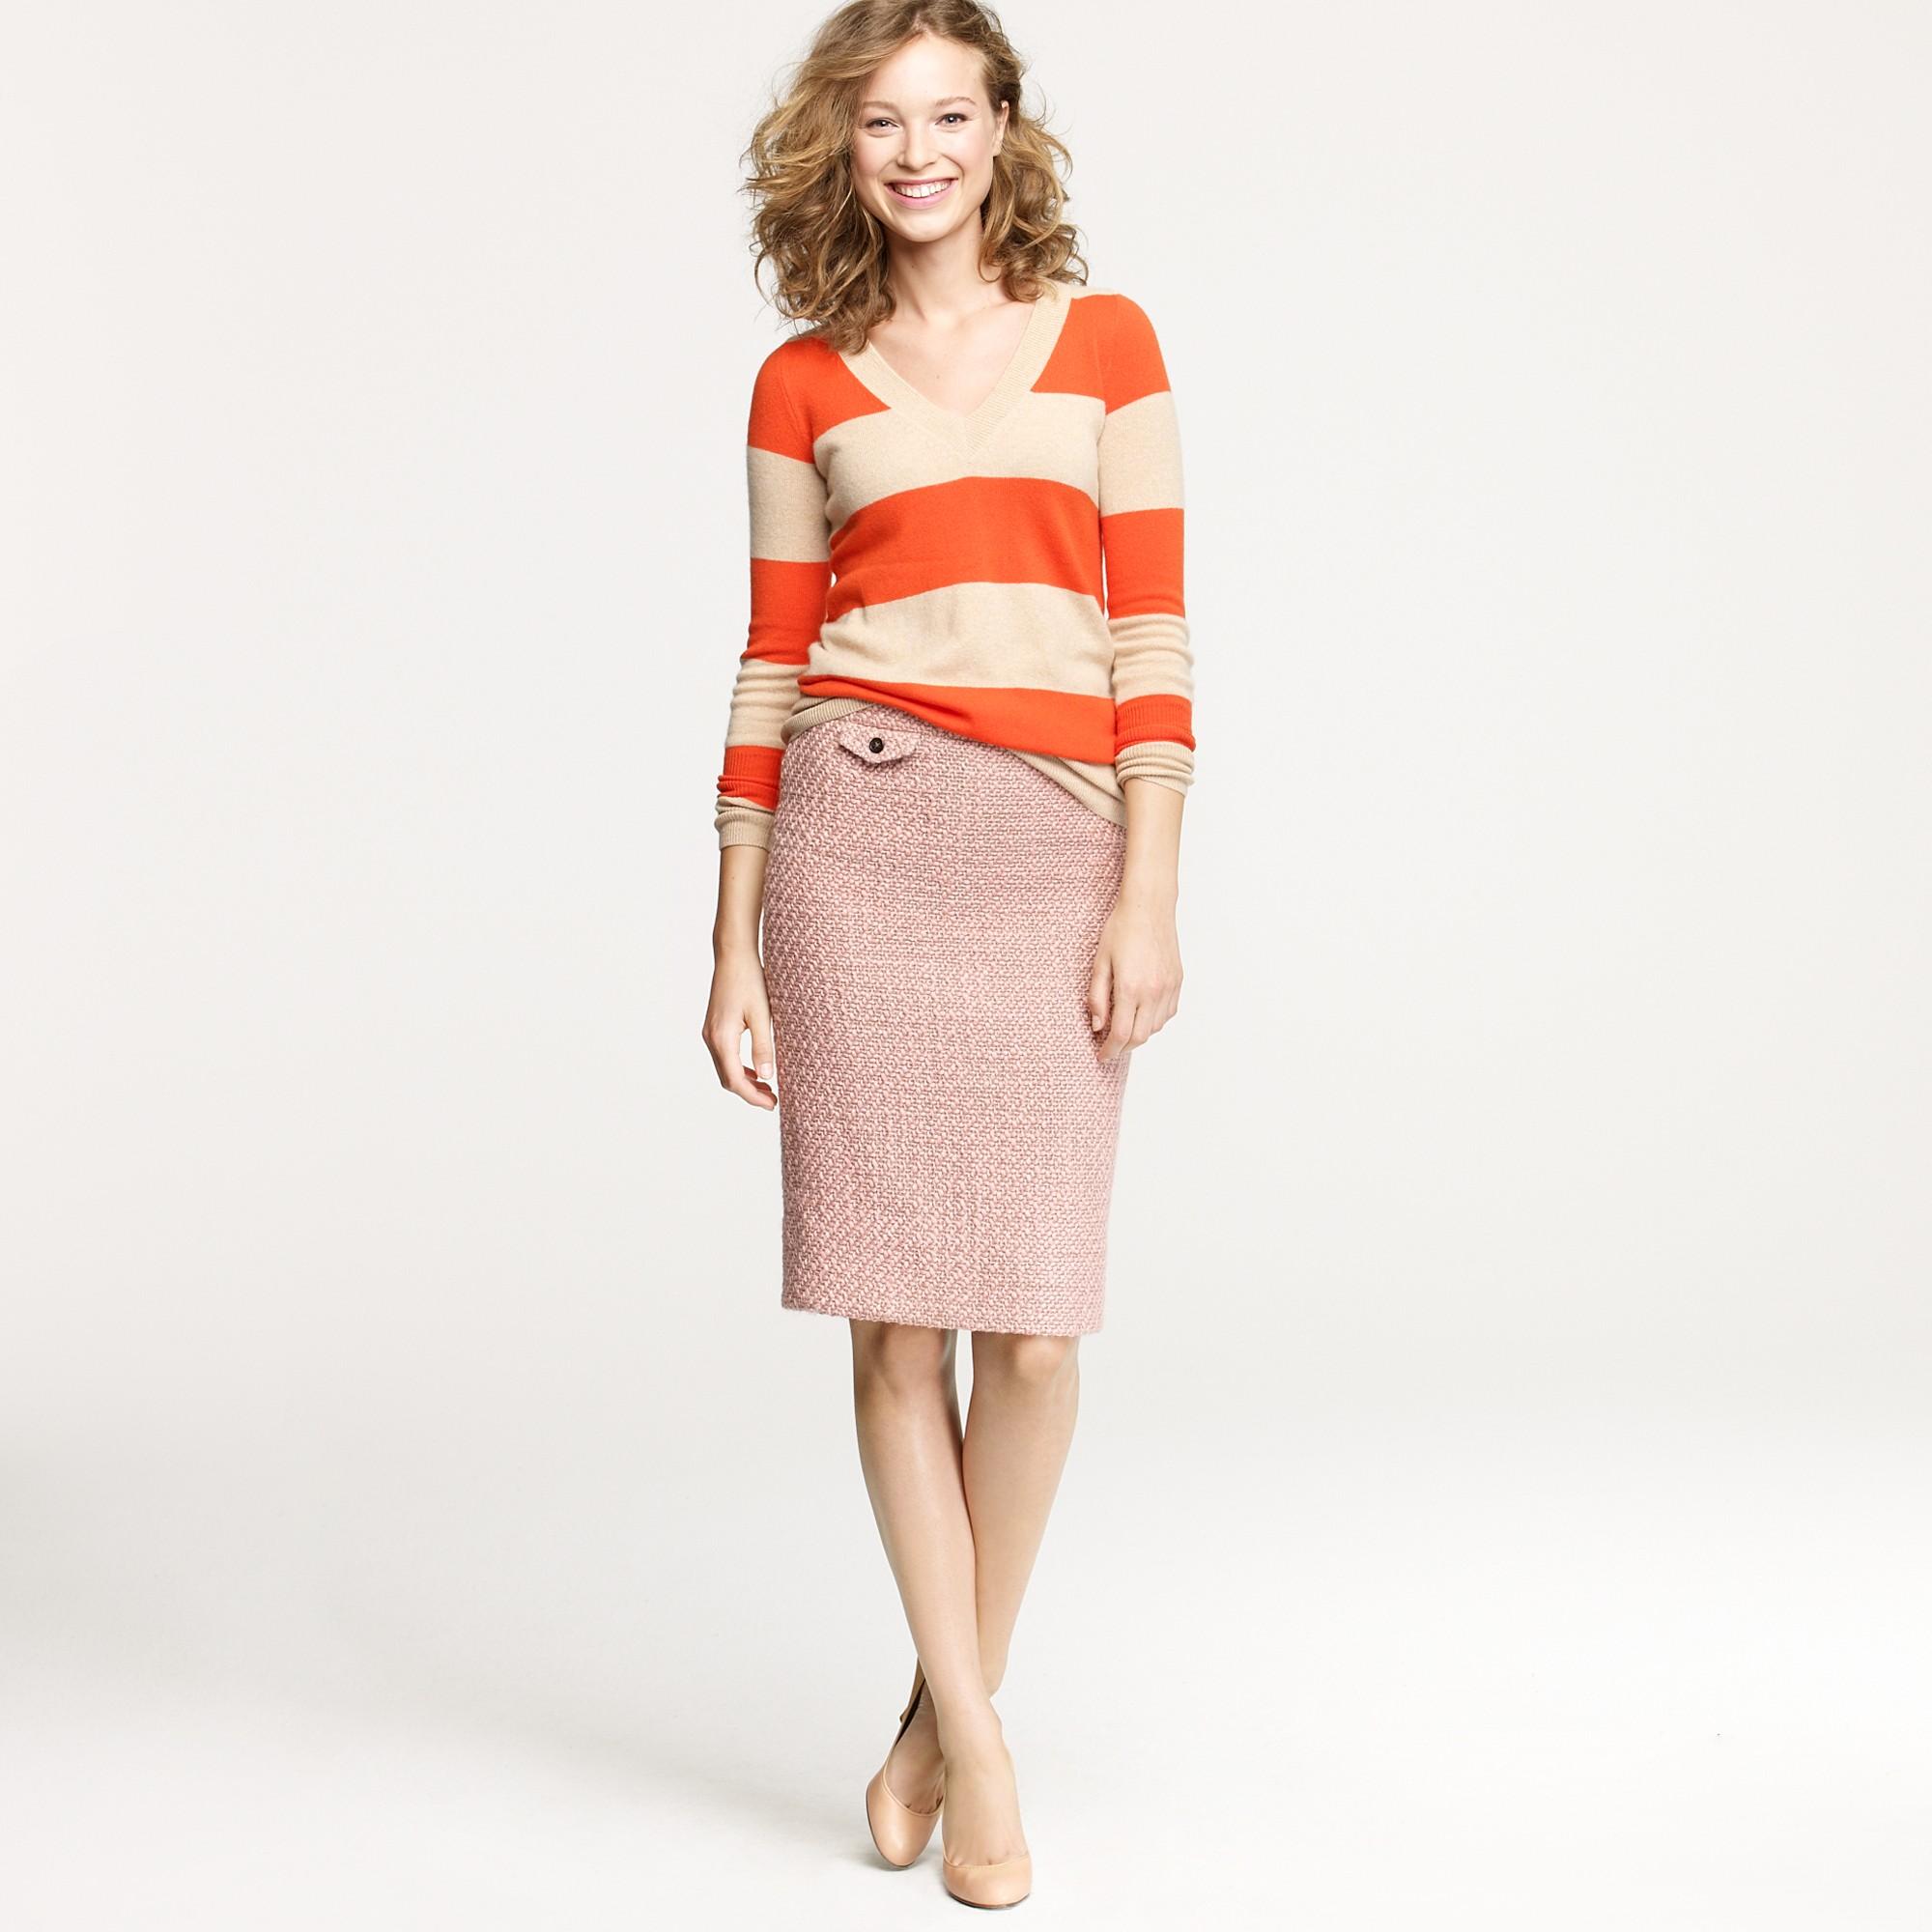 j crew no 2 pencil skirt in vintage tweed in pink blush